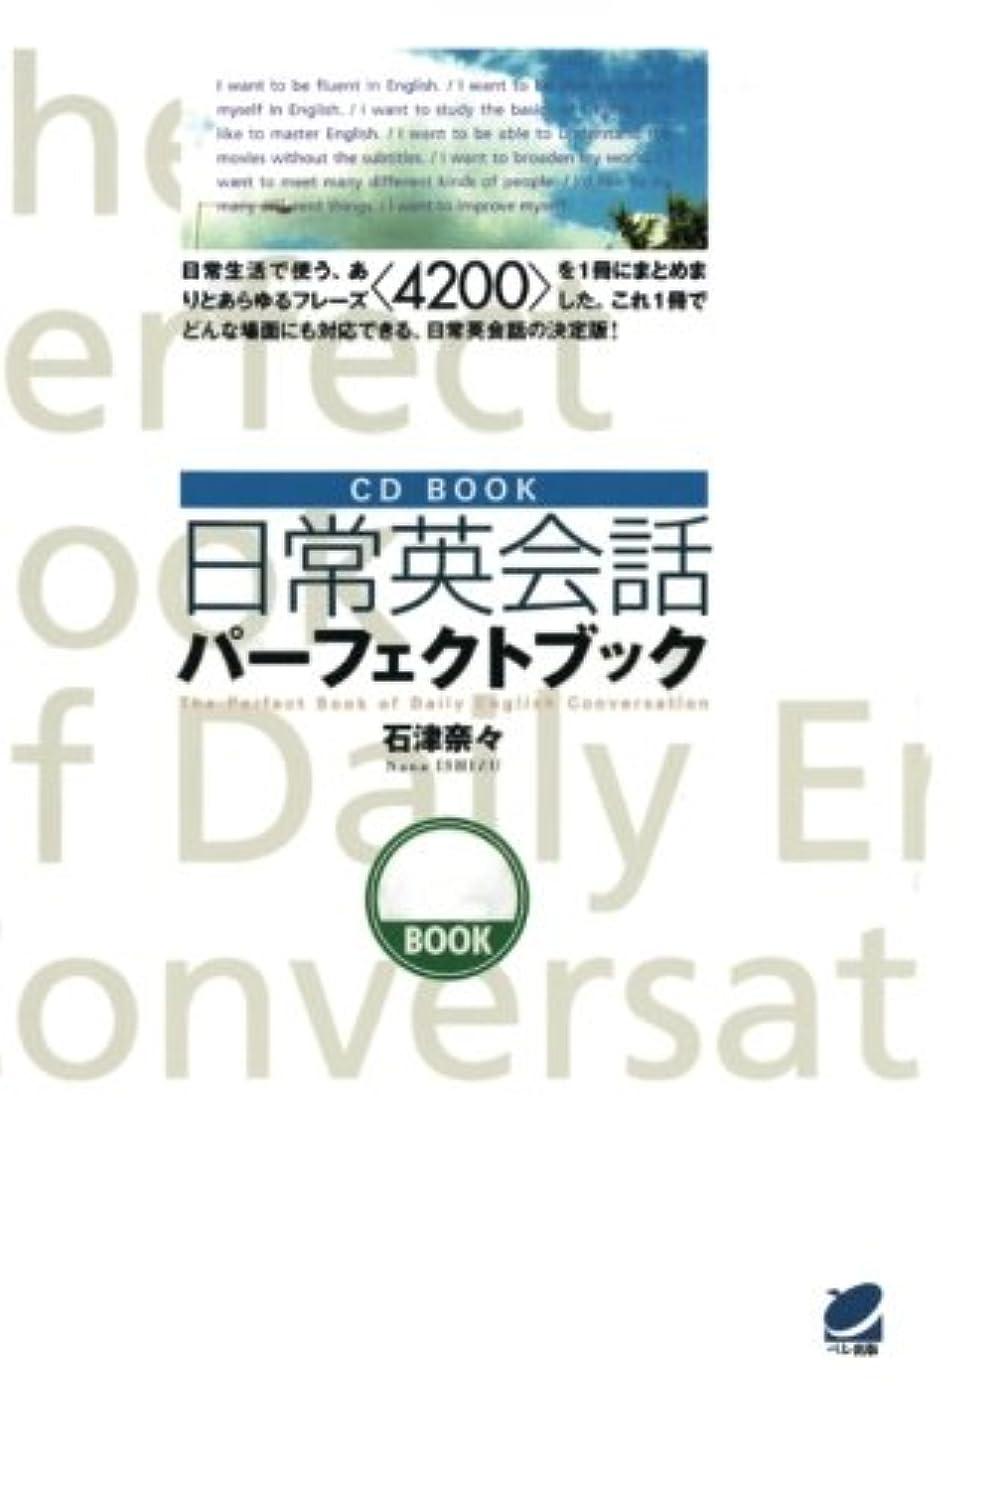 摘む量で違反日常英会話パーフェクトブック(CDなしバージョン)